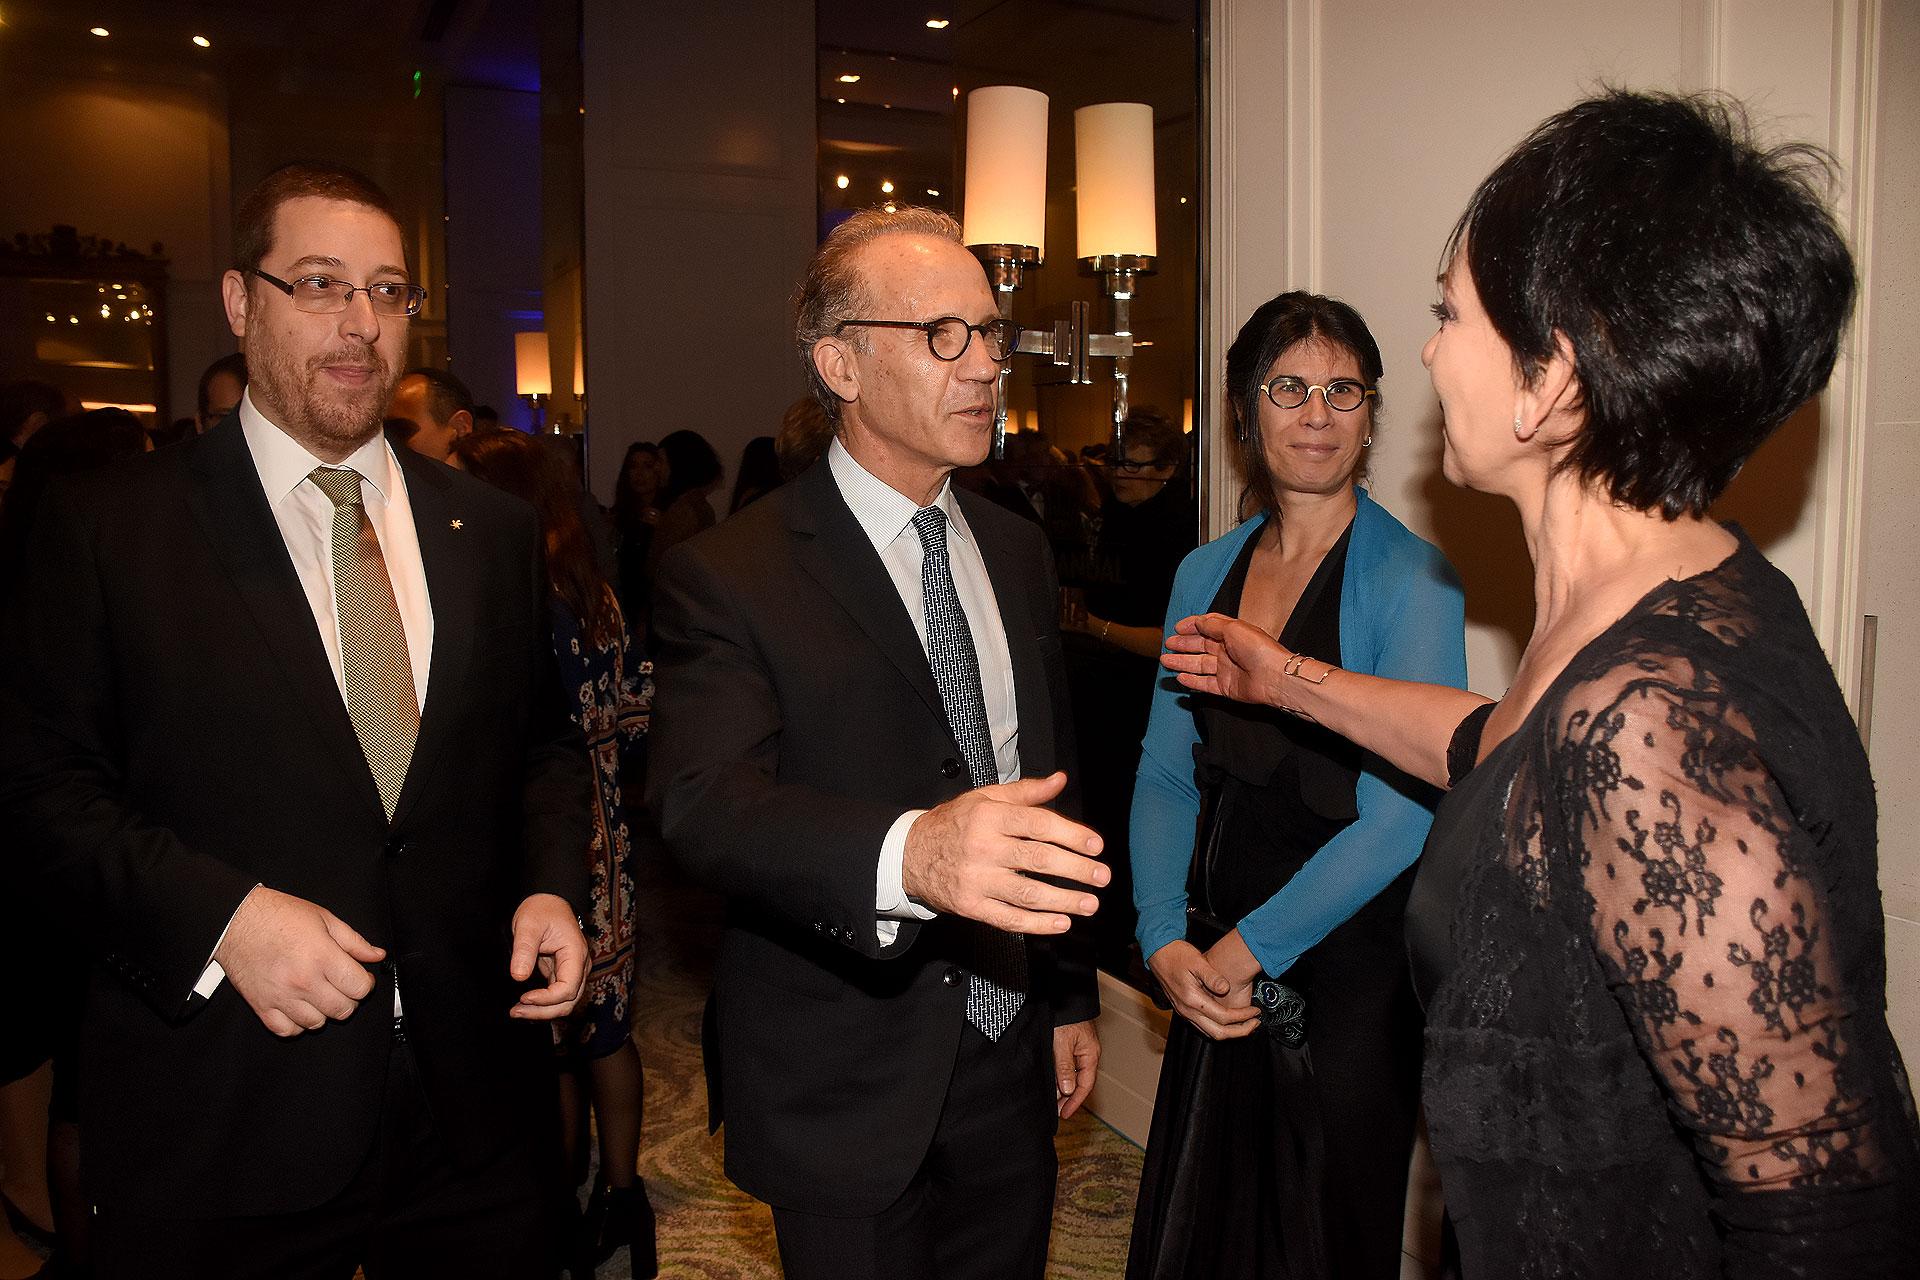 La llegada de Carlos Rosenkrantz, juez de la Corte Suprema de Justicia de la Nación, acompañado por su mujer, Agustina Cavanagh